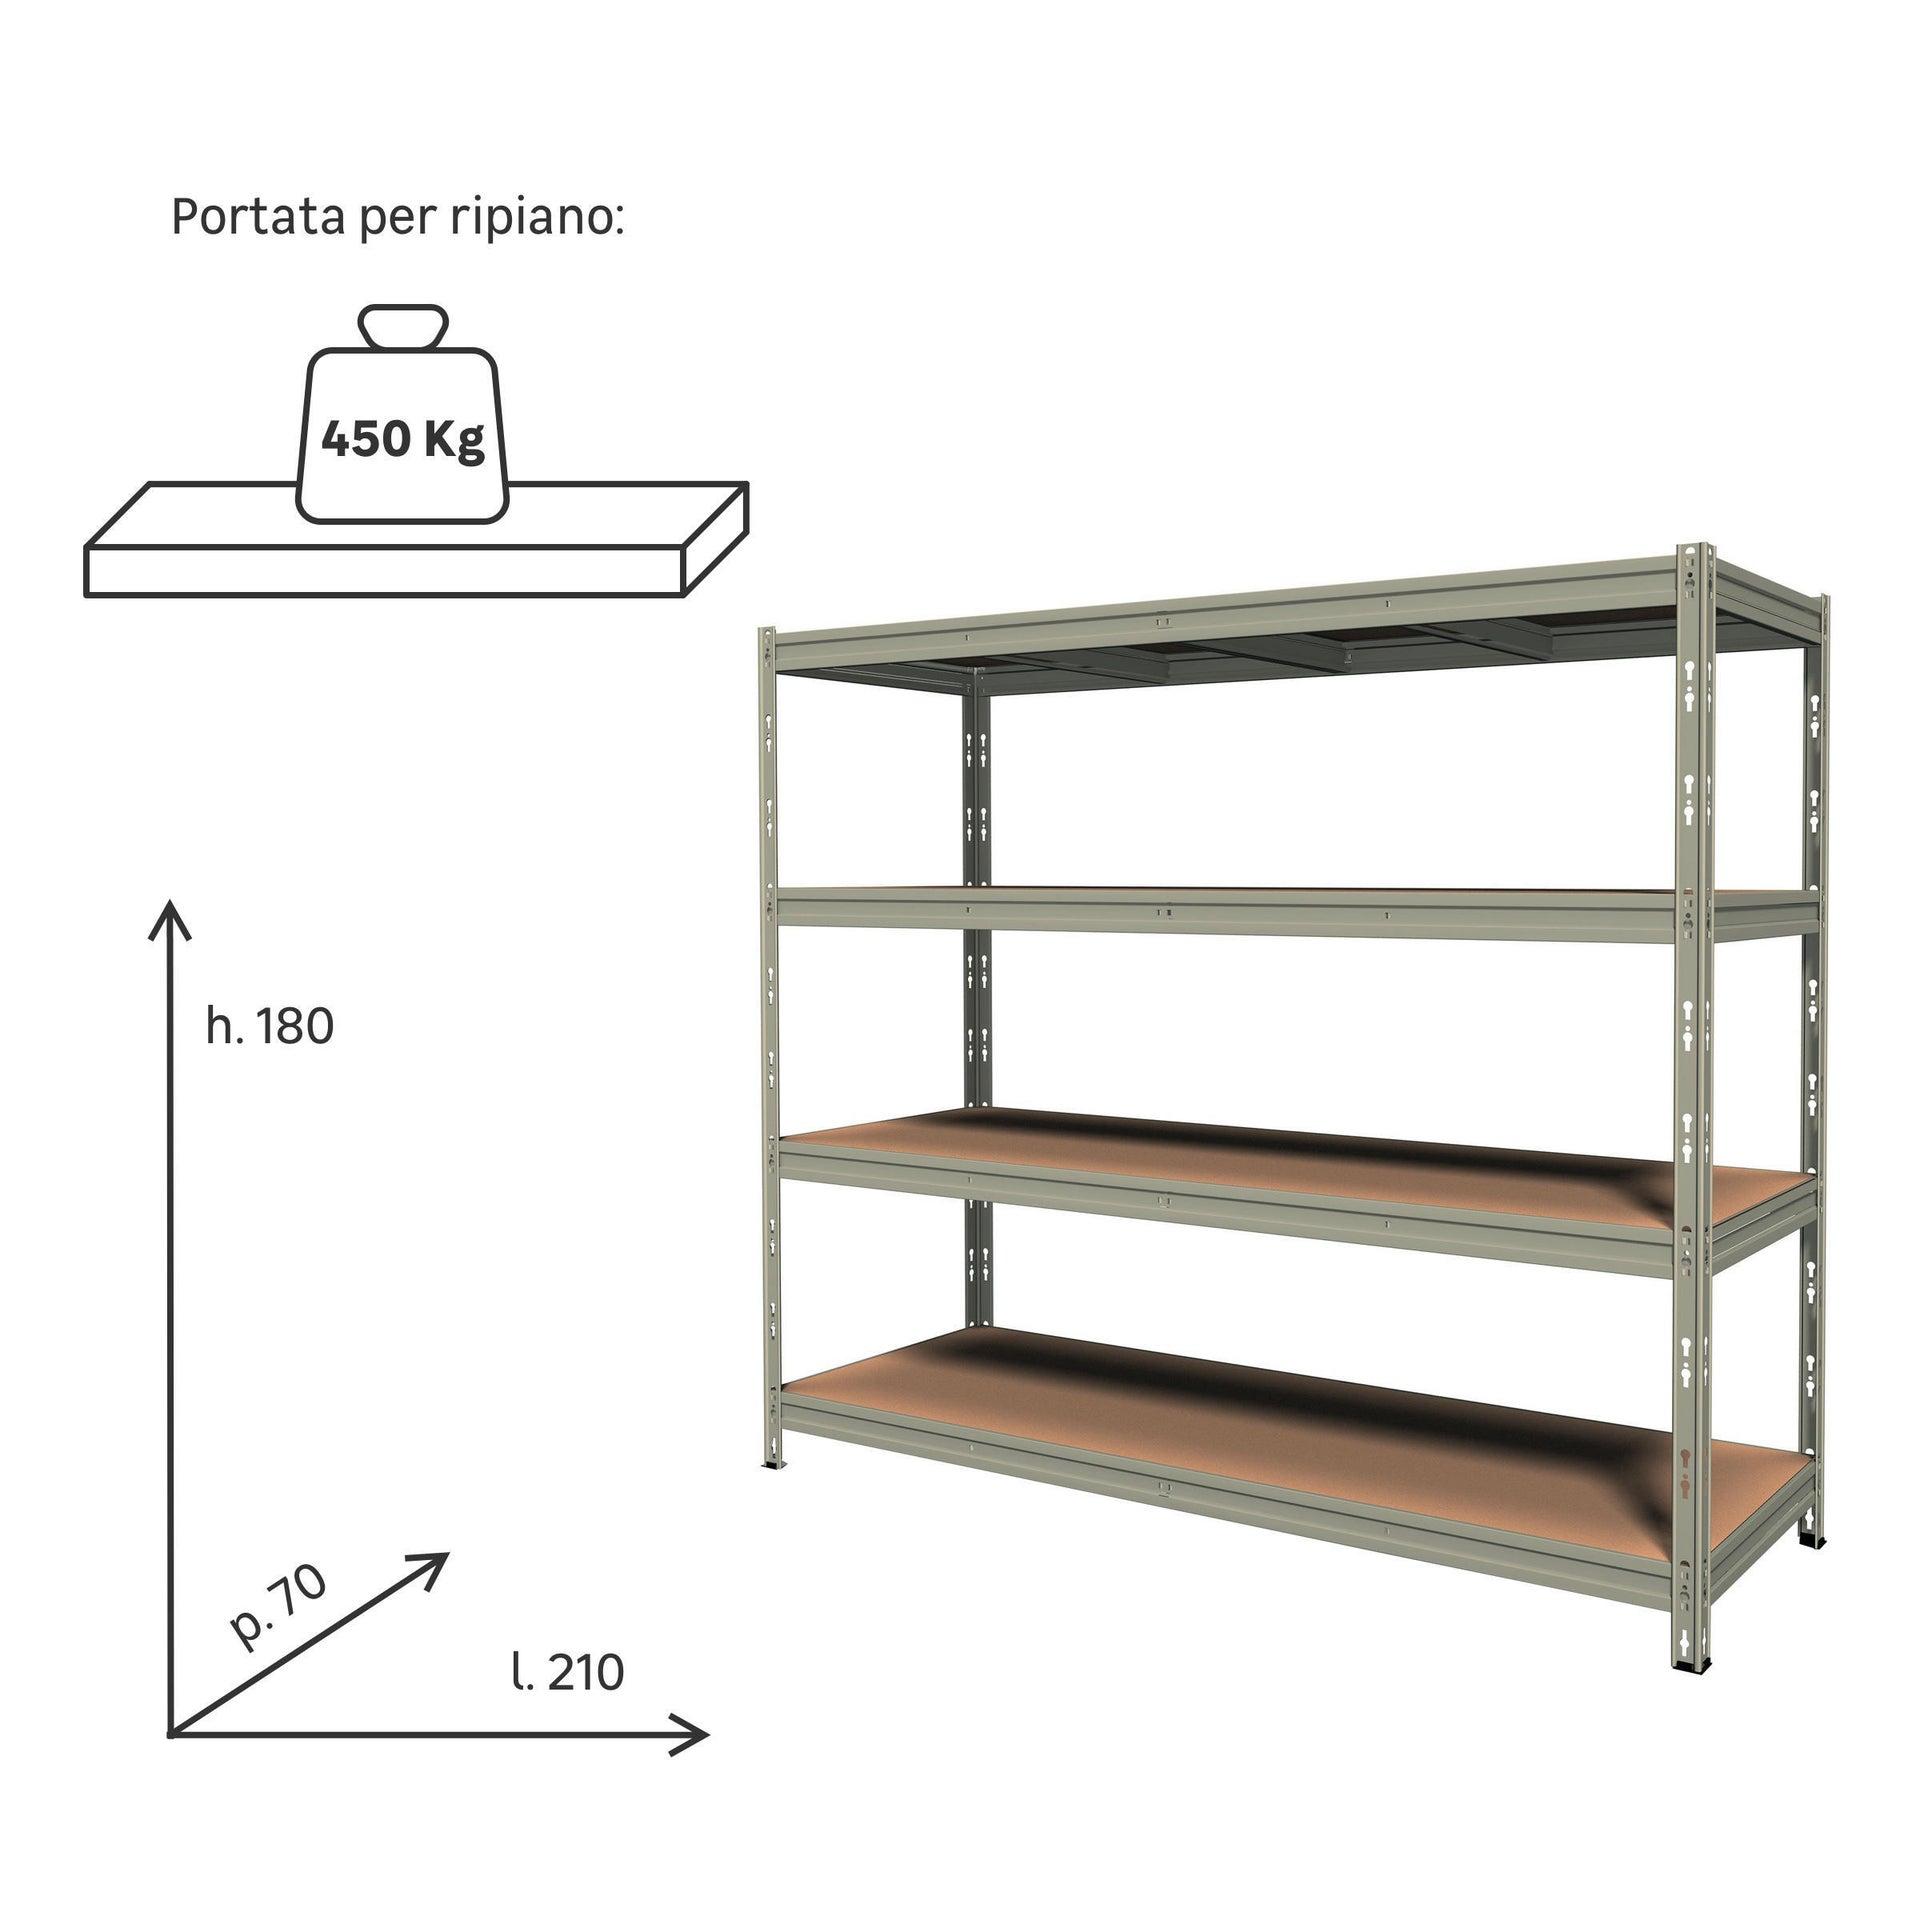 Scaffale in metallo in kit Anemos L 210 x P 70 x H 180 cm grigio - 2